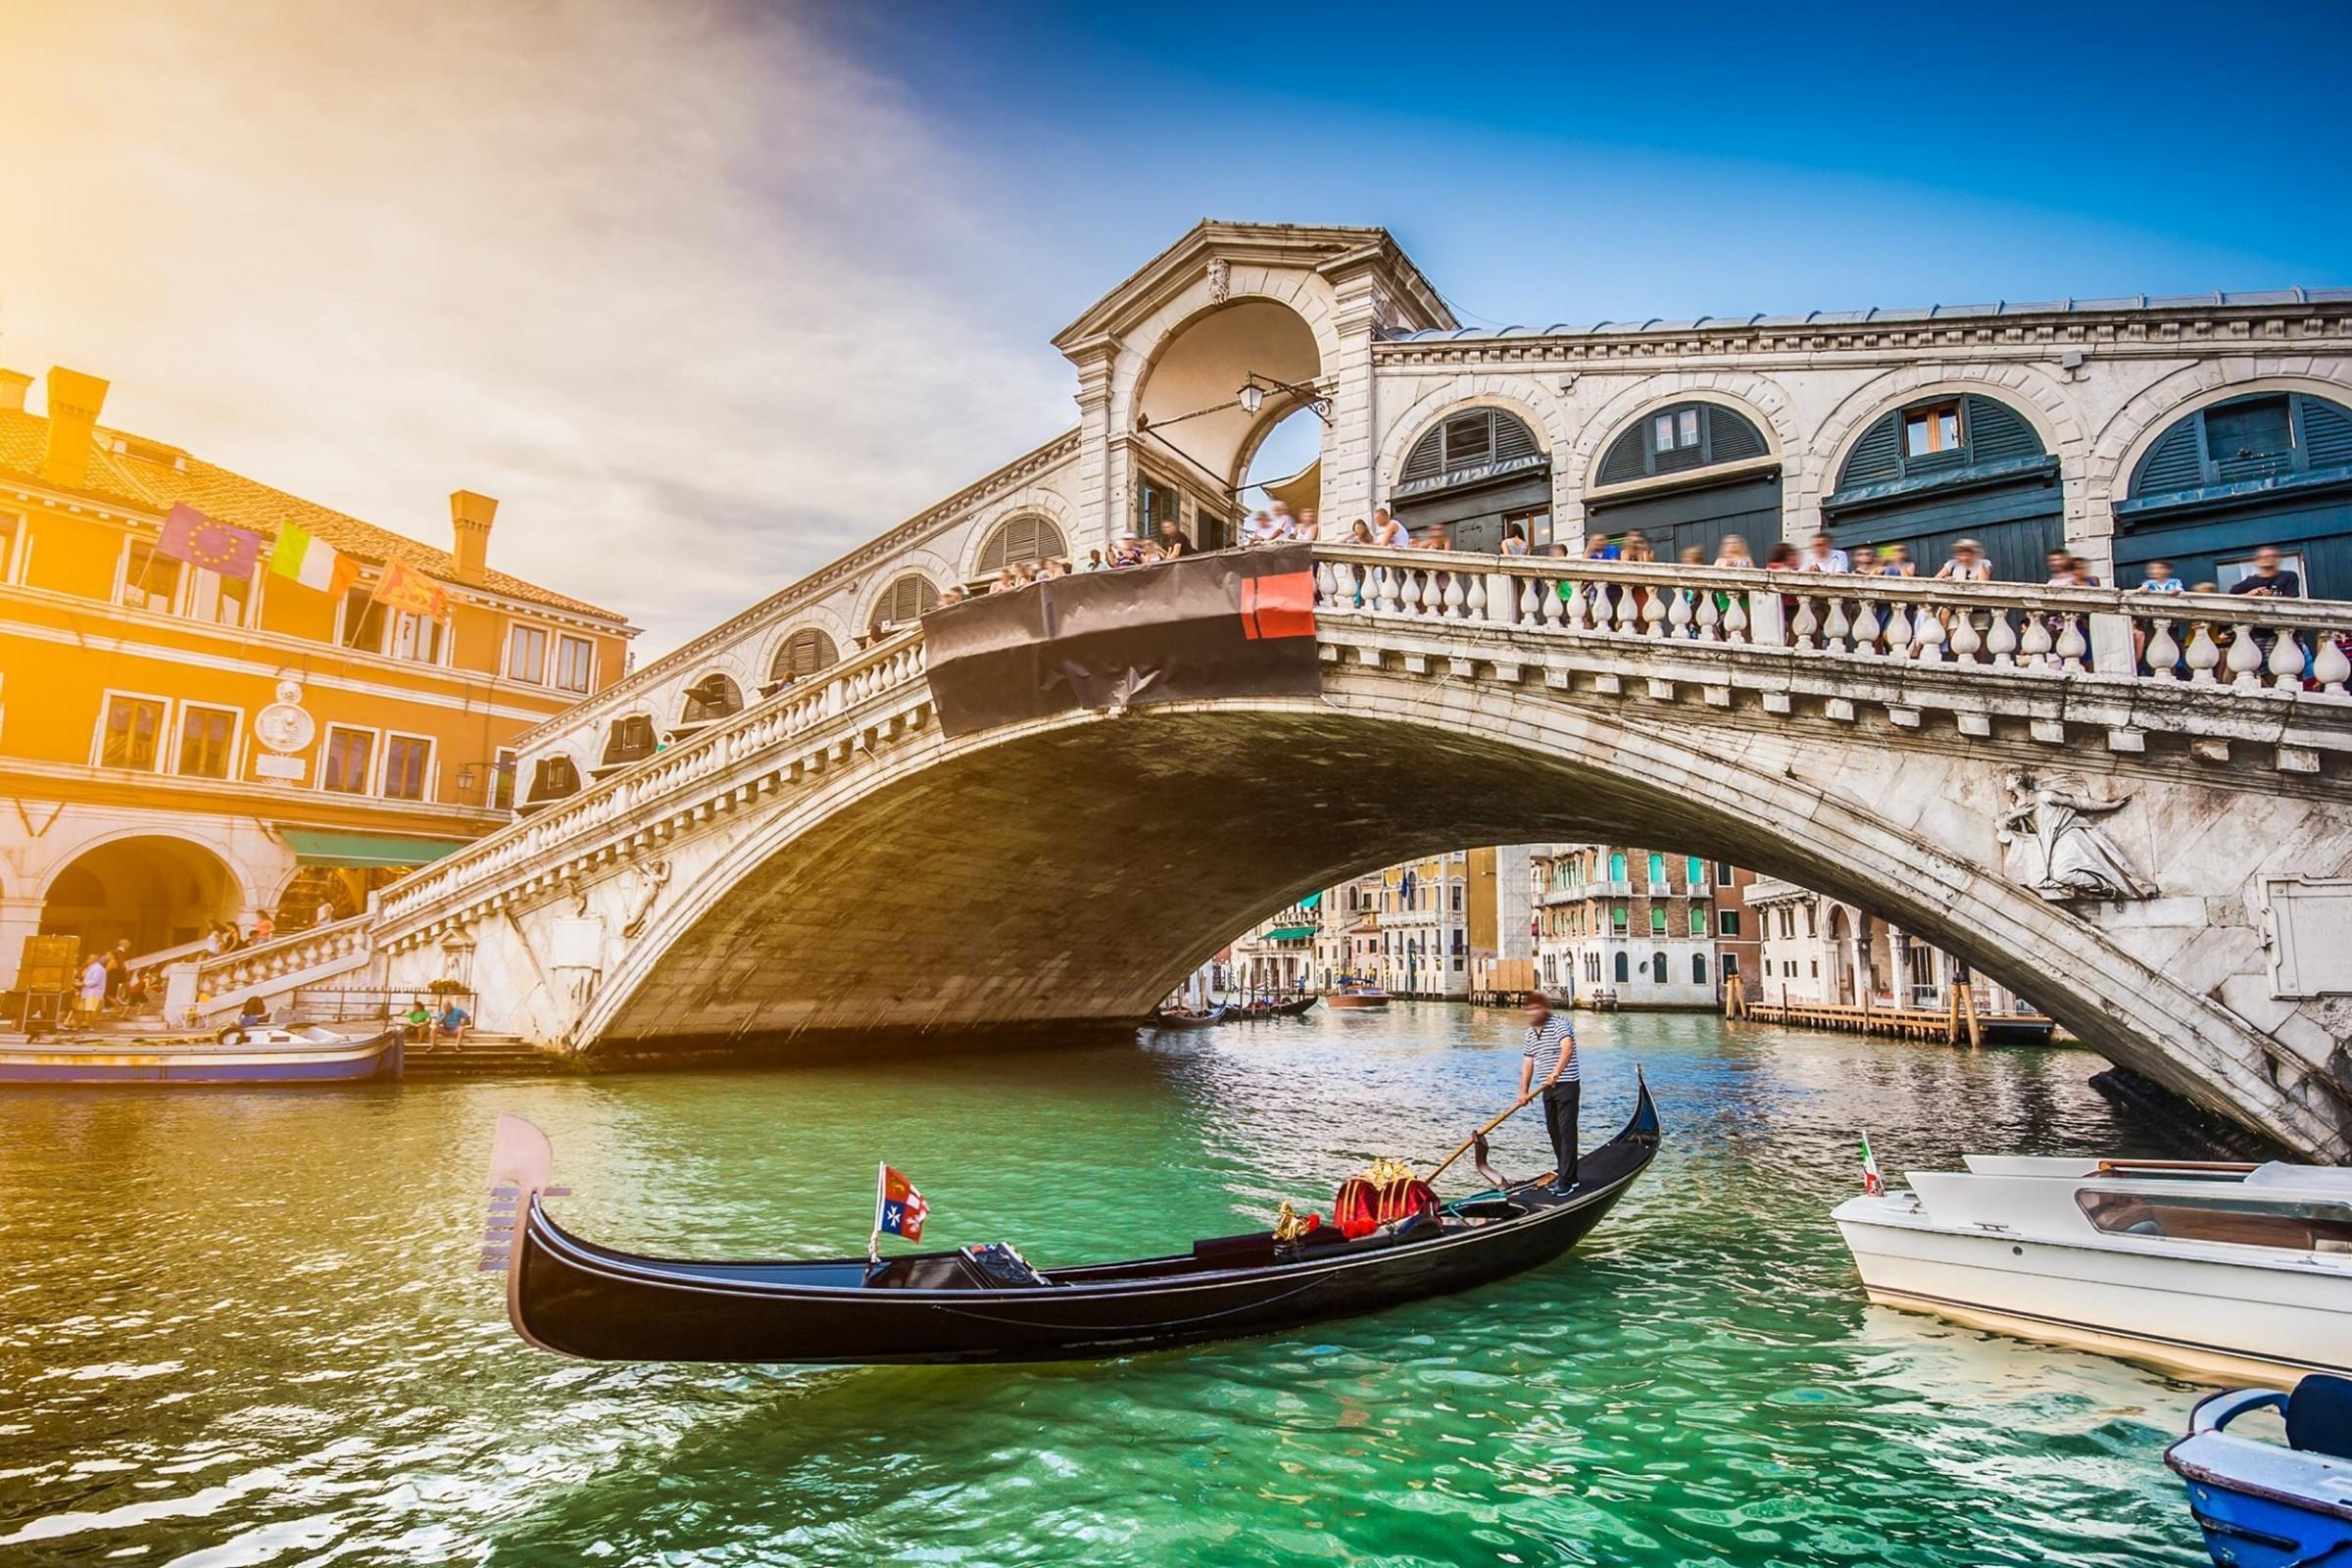 γνωριμίες σε Βενετία Ιταλία Φιλιππινέζες ραντεβού γραφεία